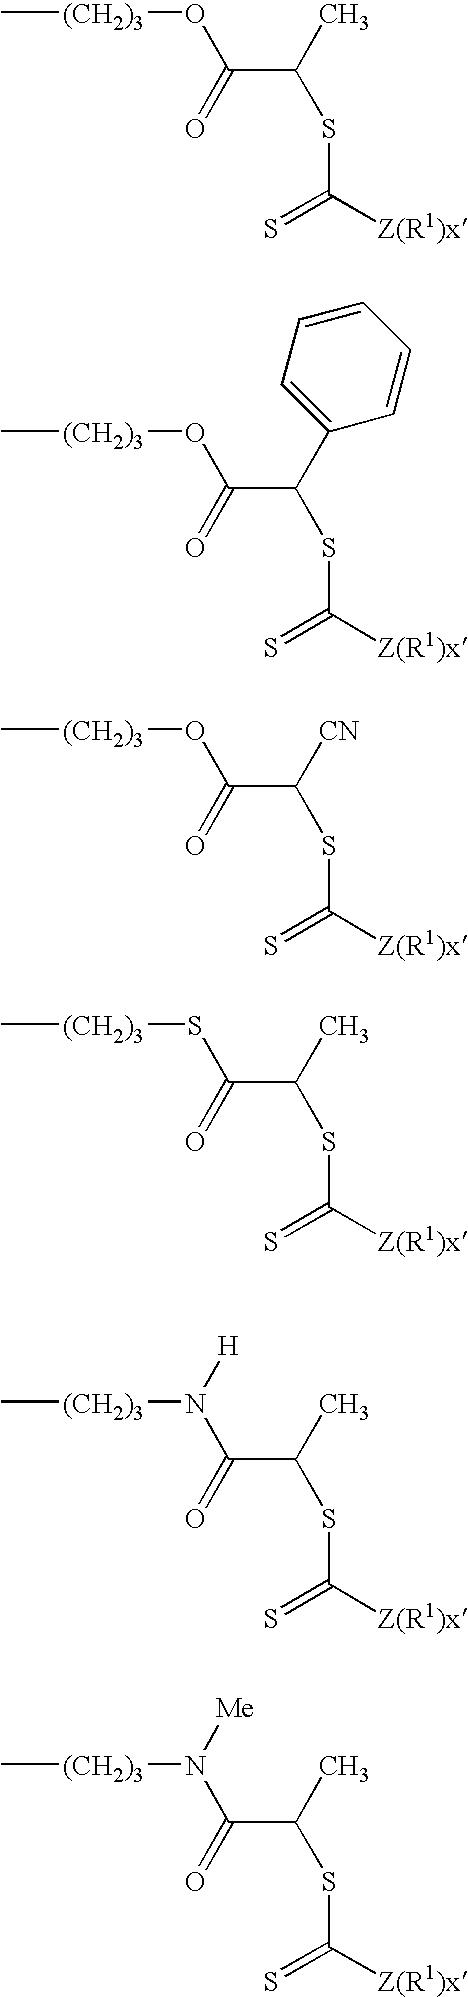 Figure US20040234475A1-20041125-C00005